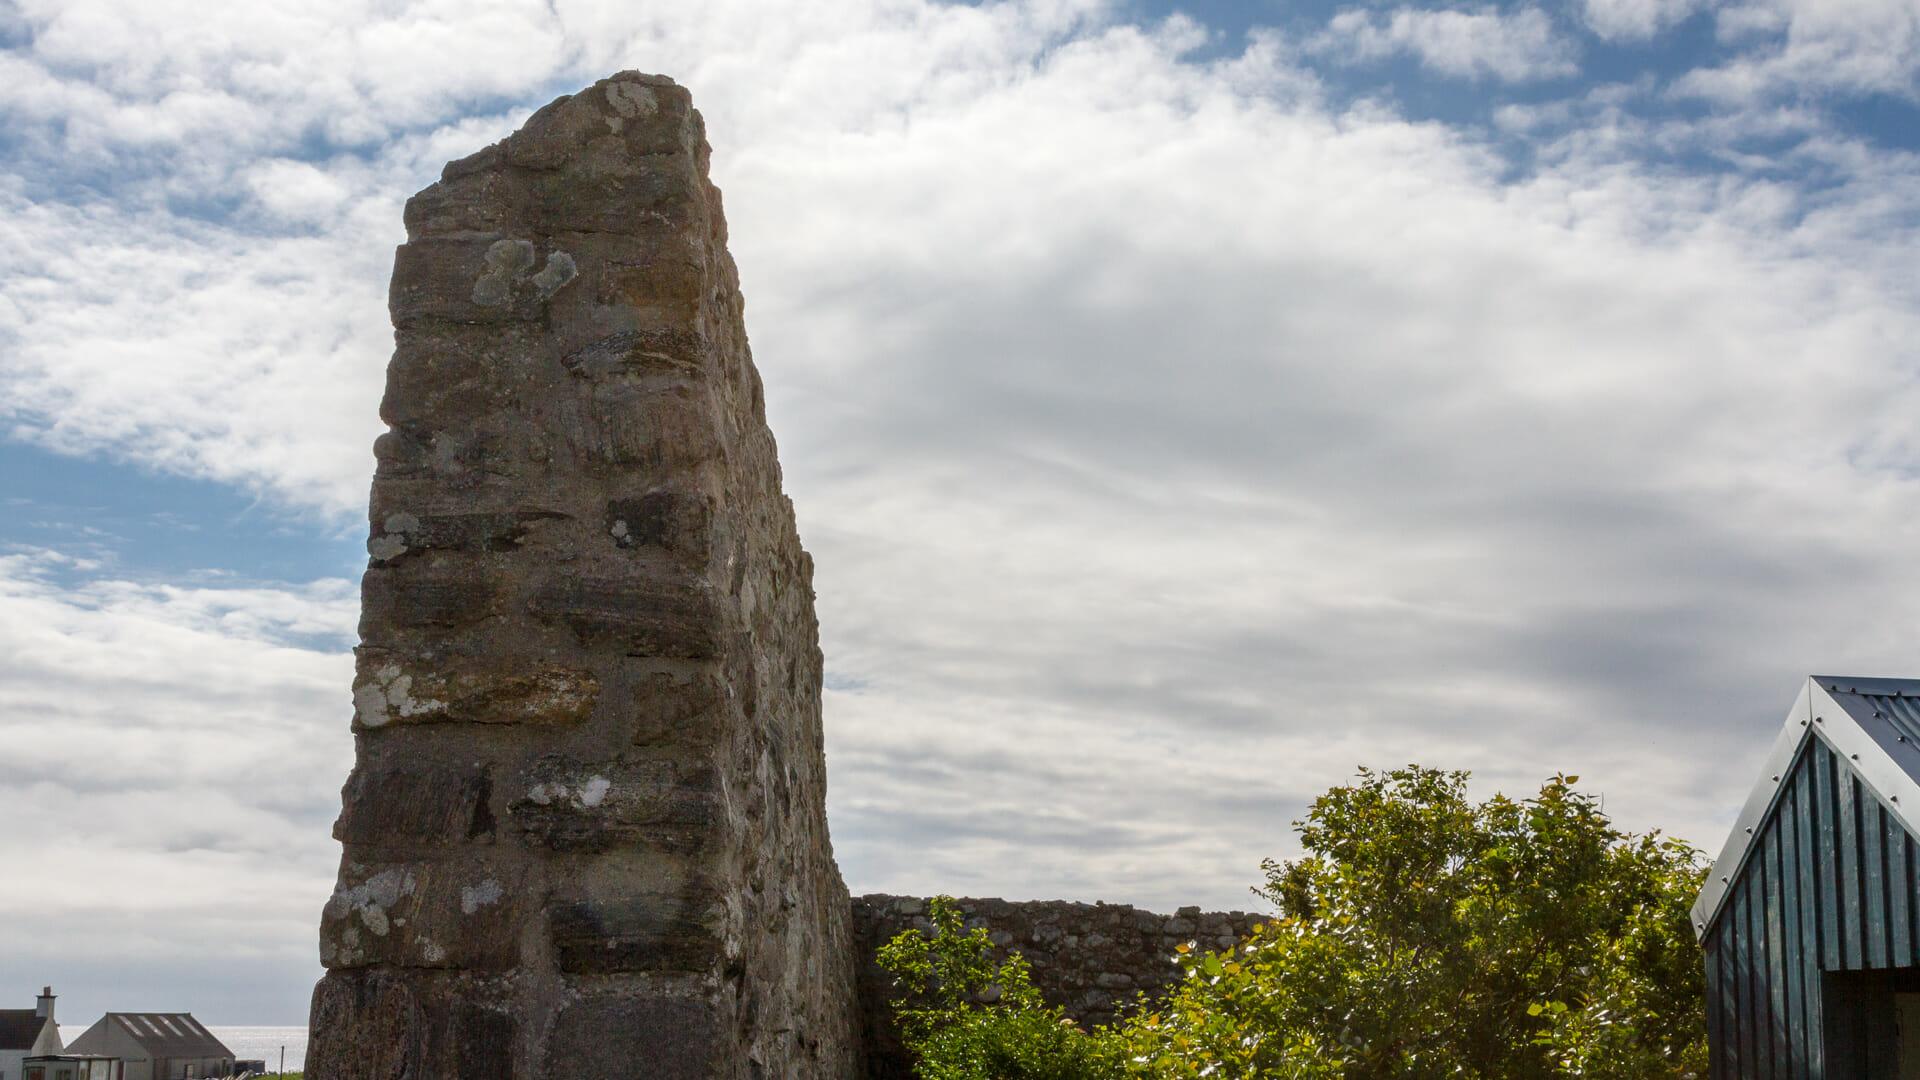 Die Mauern bieten Schutz vor dem Wind - (Foto: Martin Goldmann)